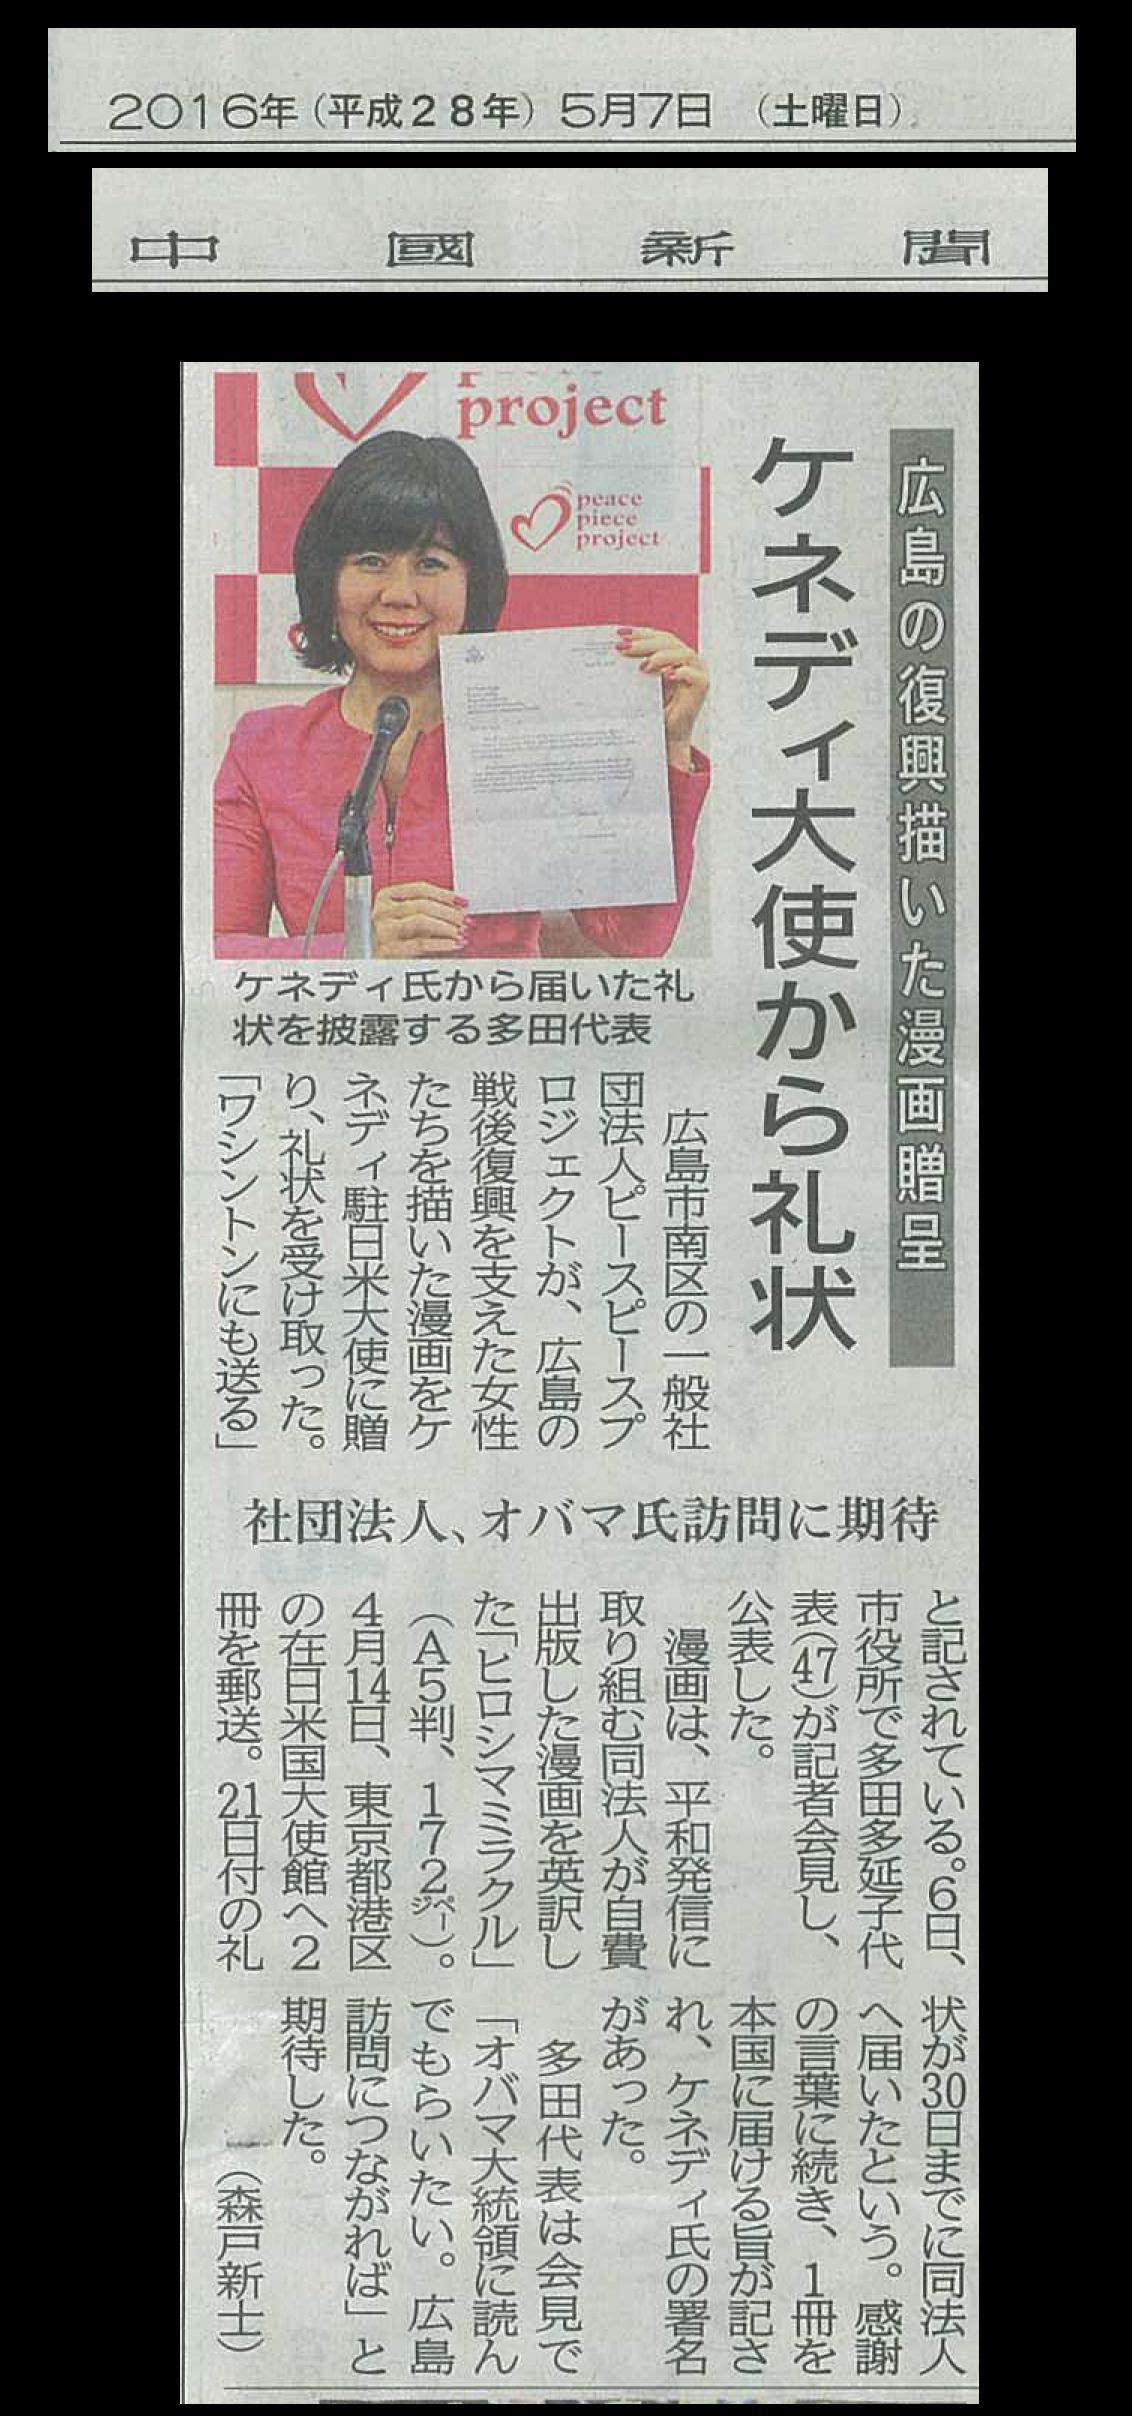 2016年5月7日 中國新聞